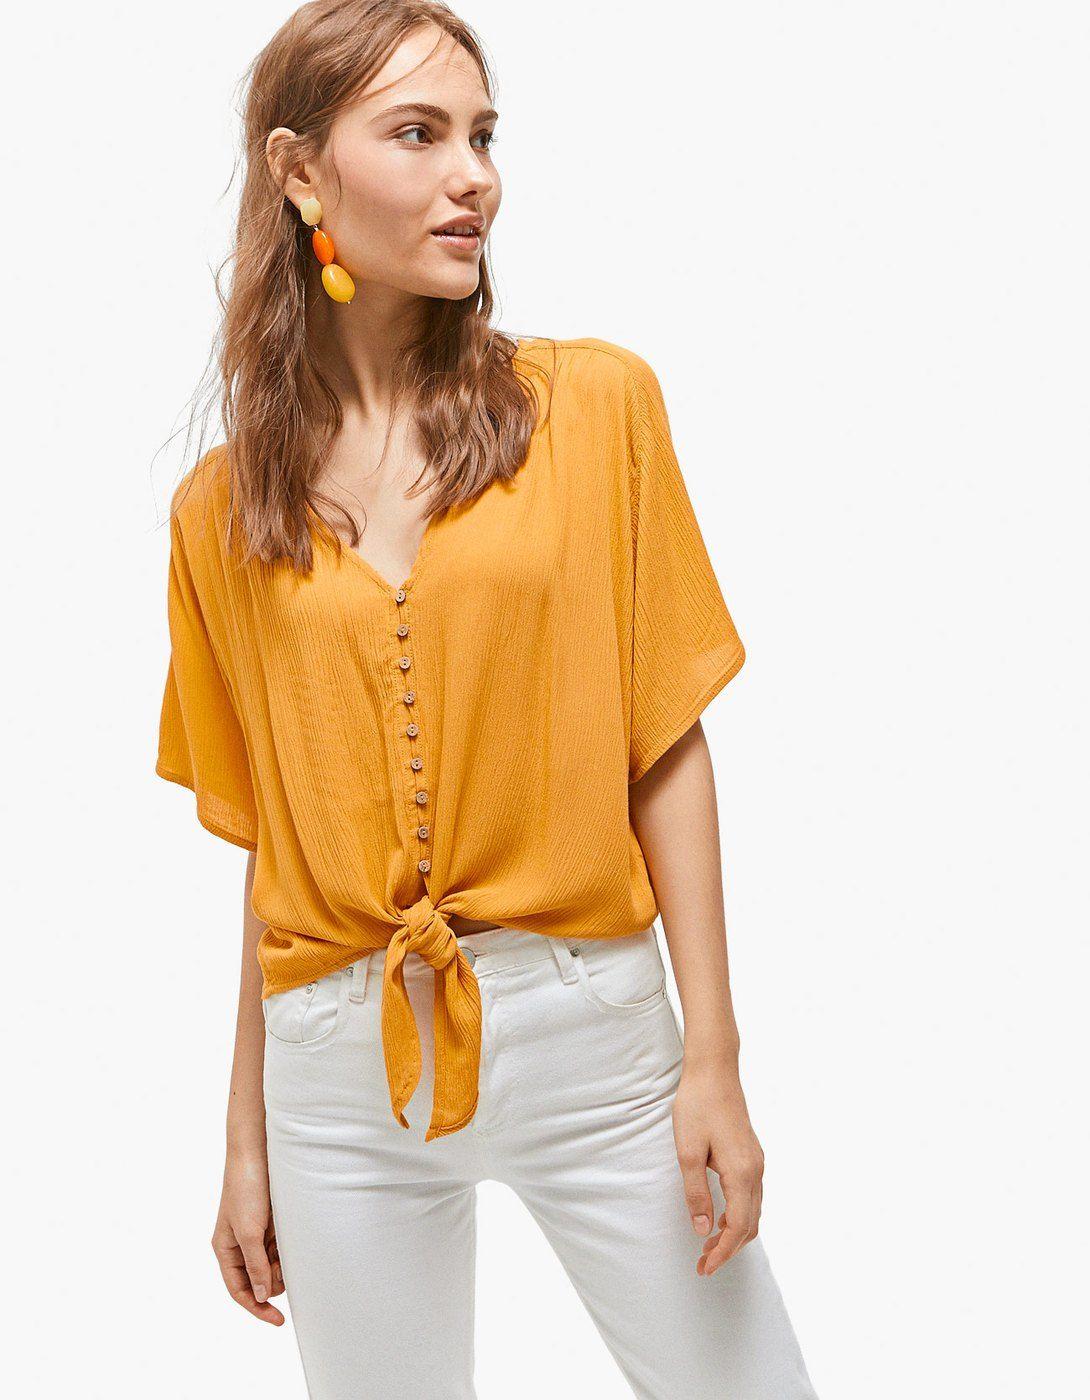 e5464b295 Camisa botones y nudo - Camisas